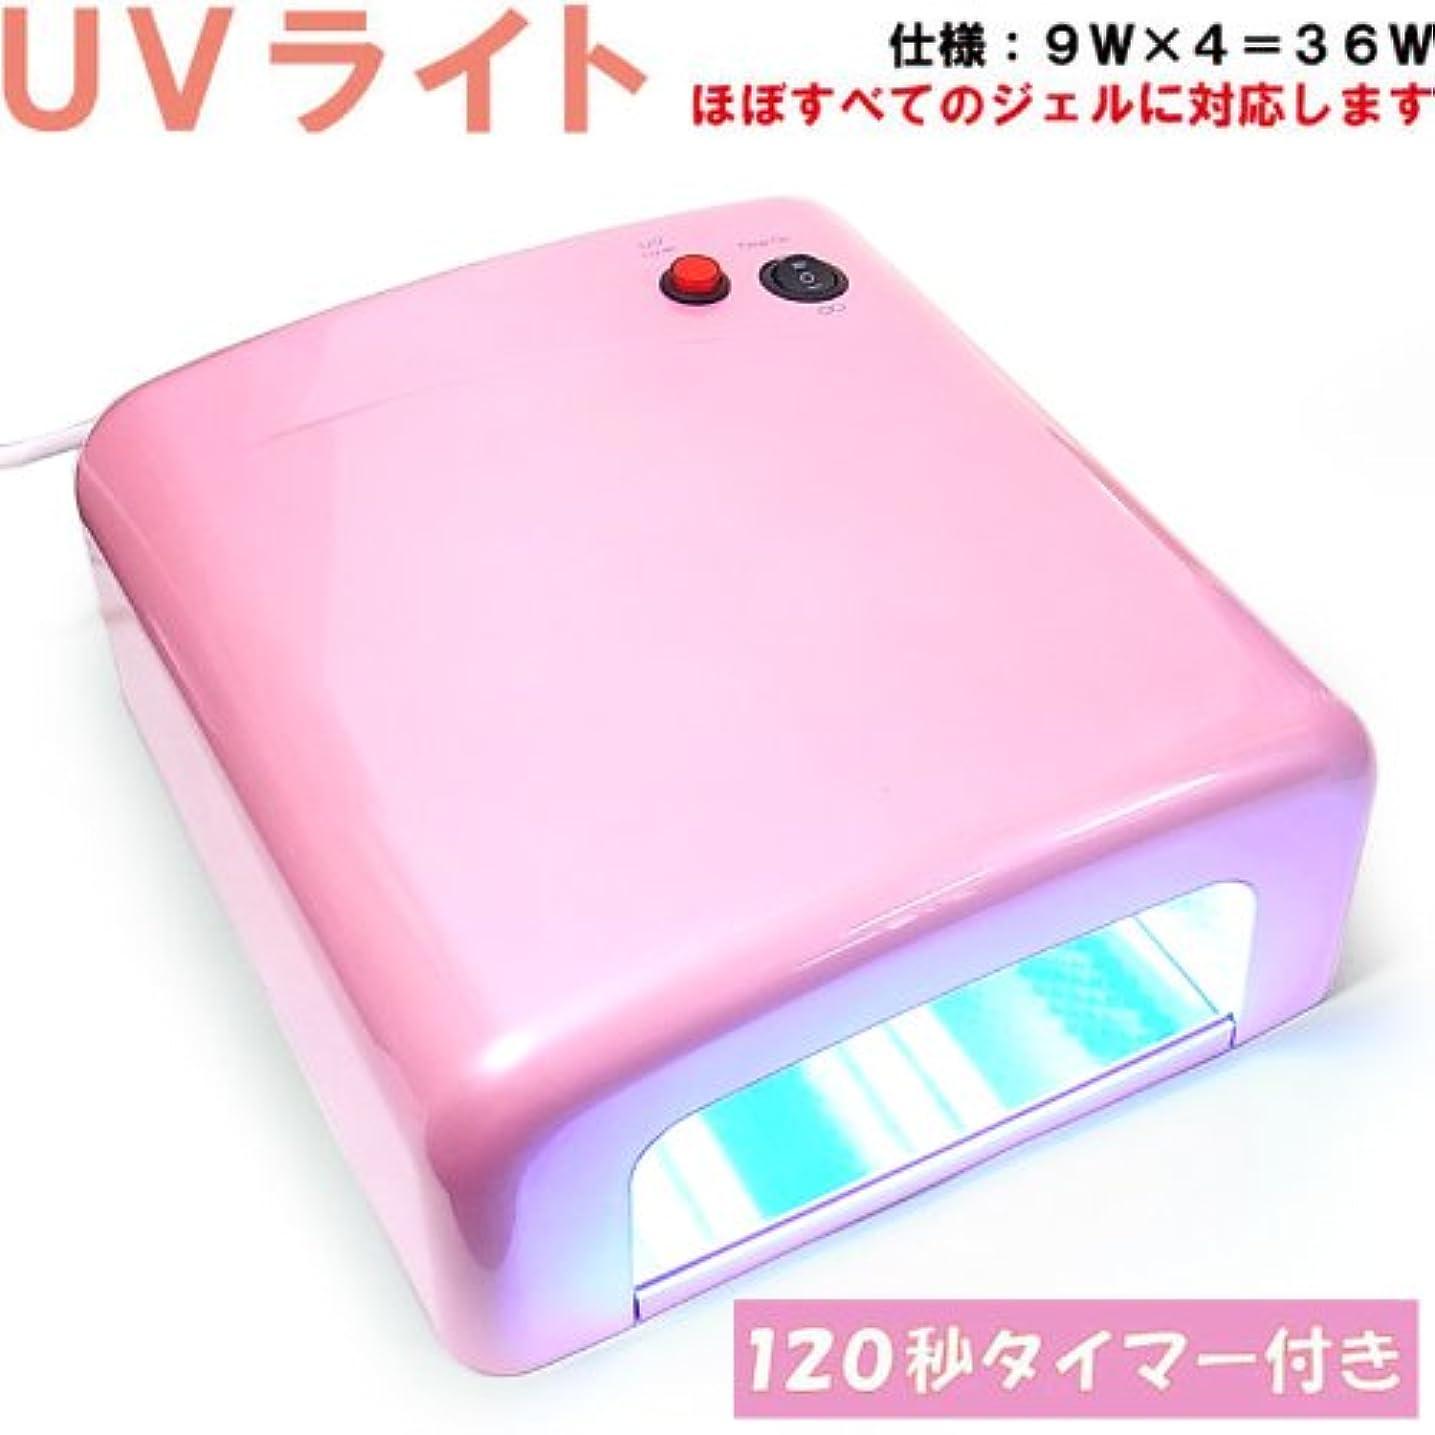 後世場所サイバースペースジェルネイル用UVライト36W(電球9W×4本付き)UVランプ【ピンク】